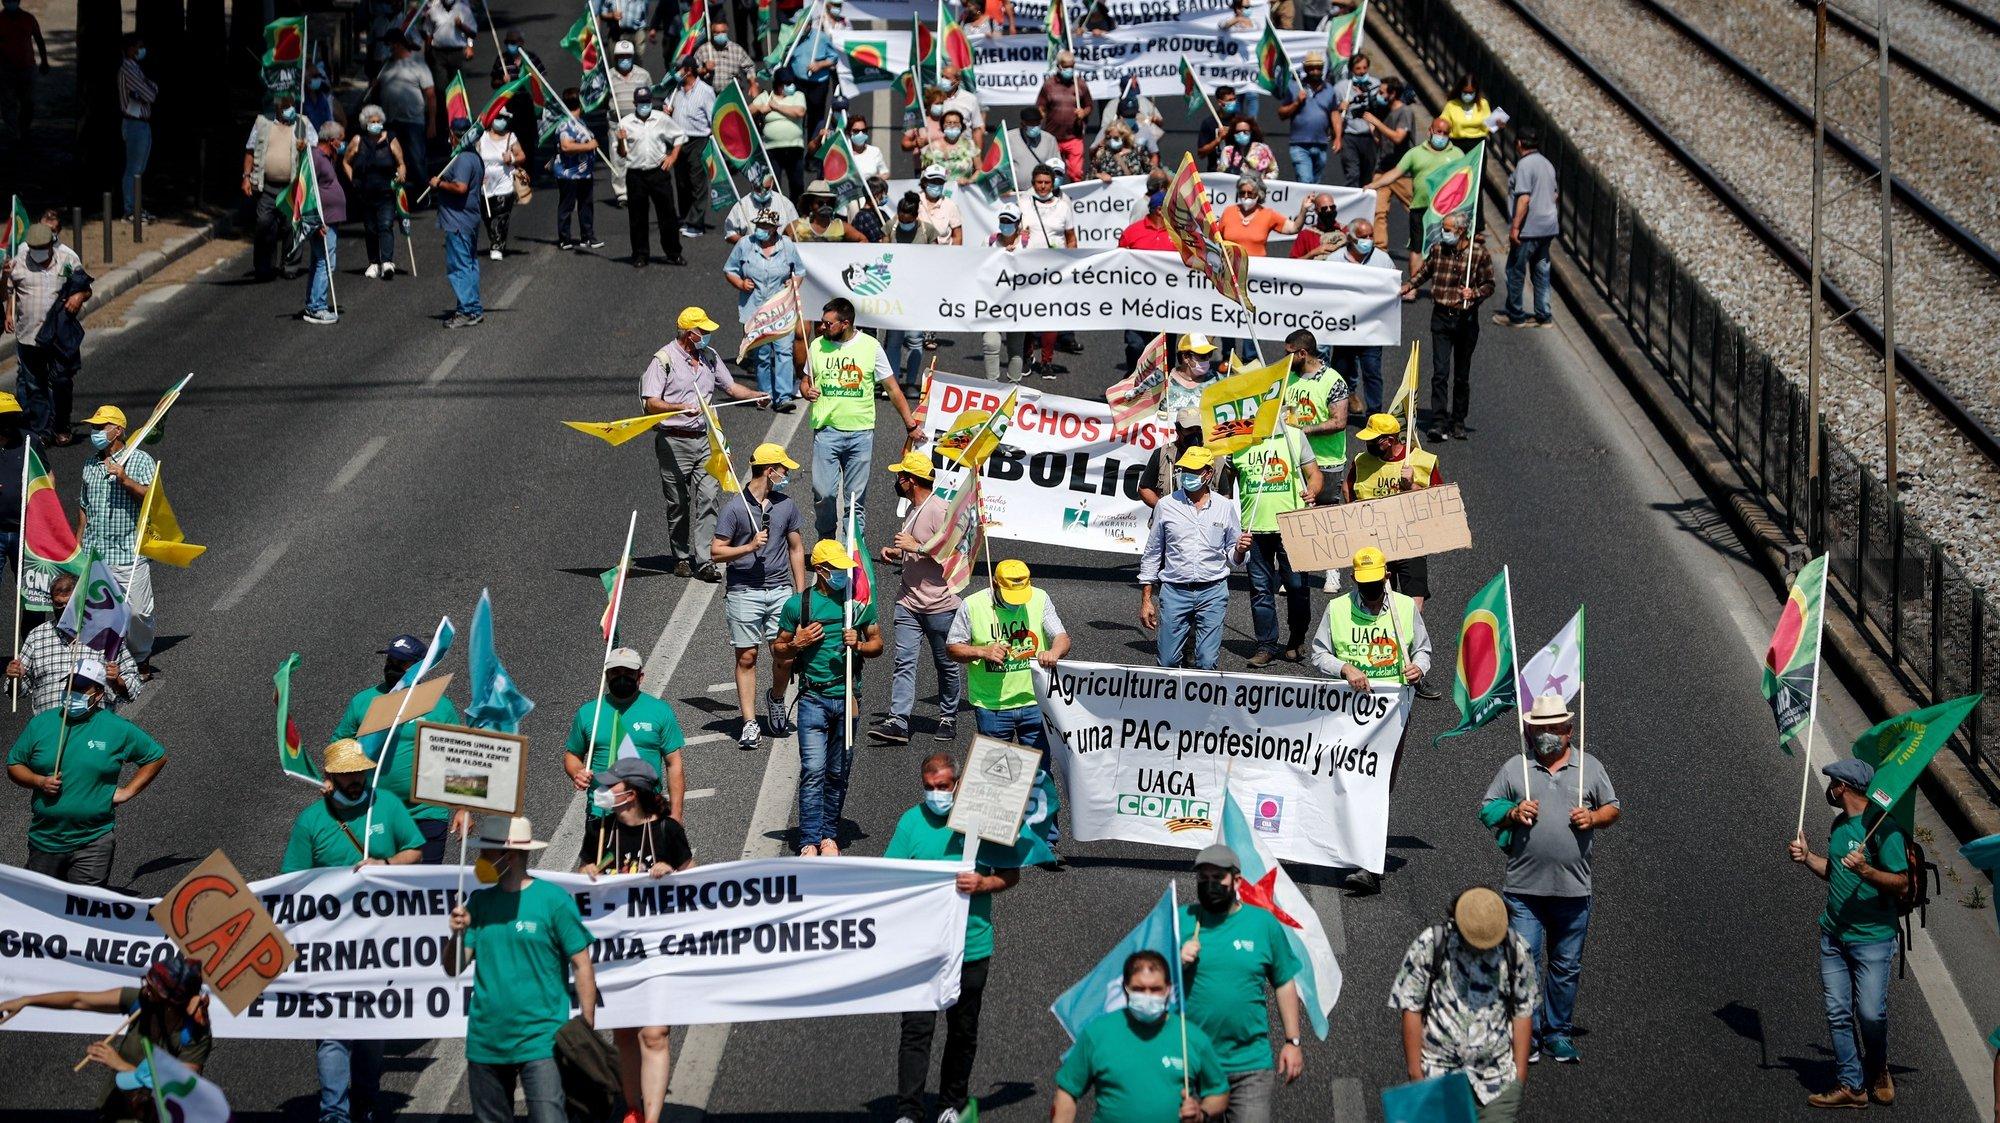 Agricultores protestam durante a manifestação convocada pela Confederação Nacional da Agricultura (CNA) em defesa de uma Política Agrícola Comum (PAC), em Lisboa, 14 de junho de 2021. O protesto conta com a presença de agricultores portugueses, espanhóis e franceses. ANTÓNIO COTRIM/LUSA